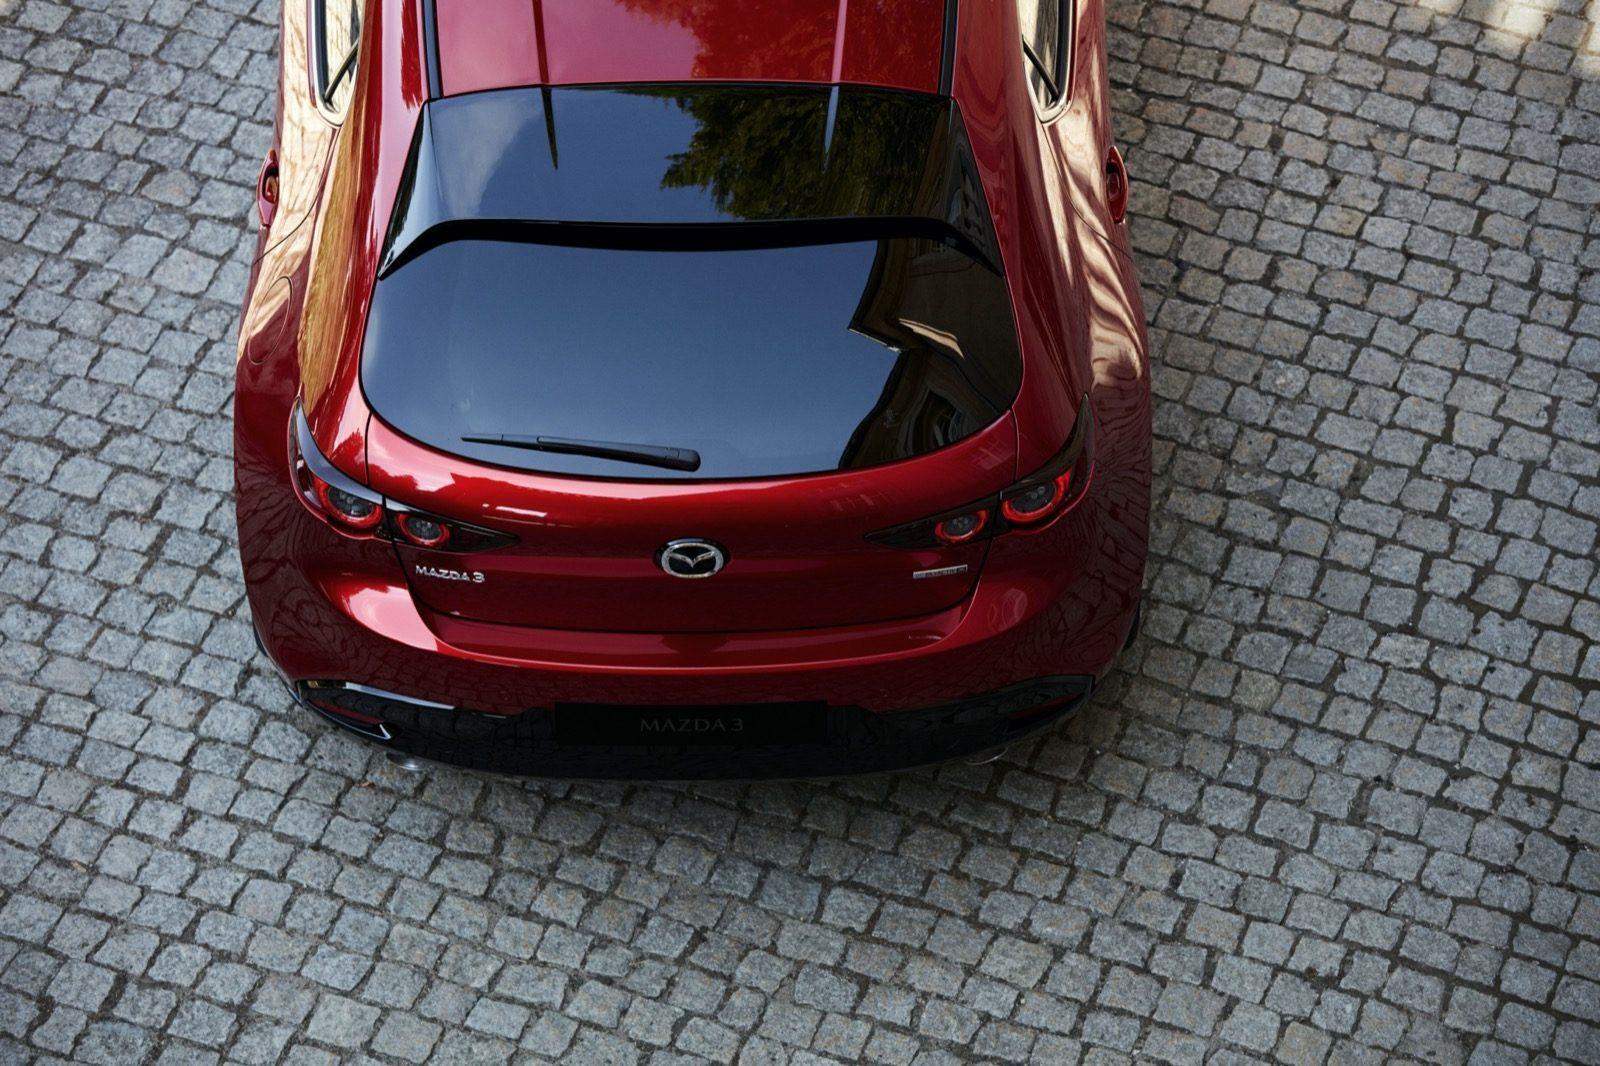 Sportievere Mazda 3